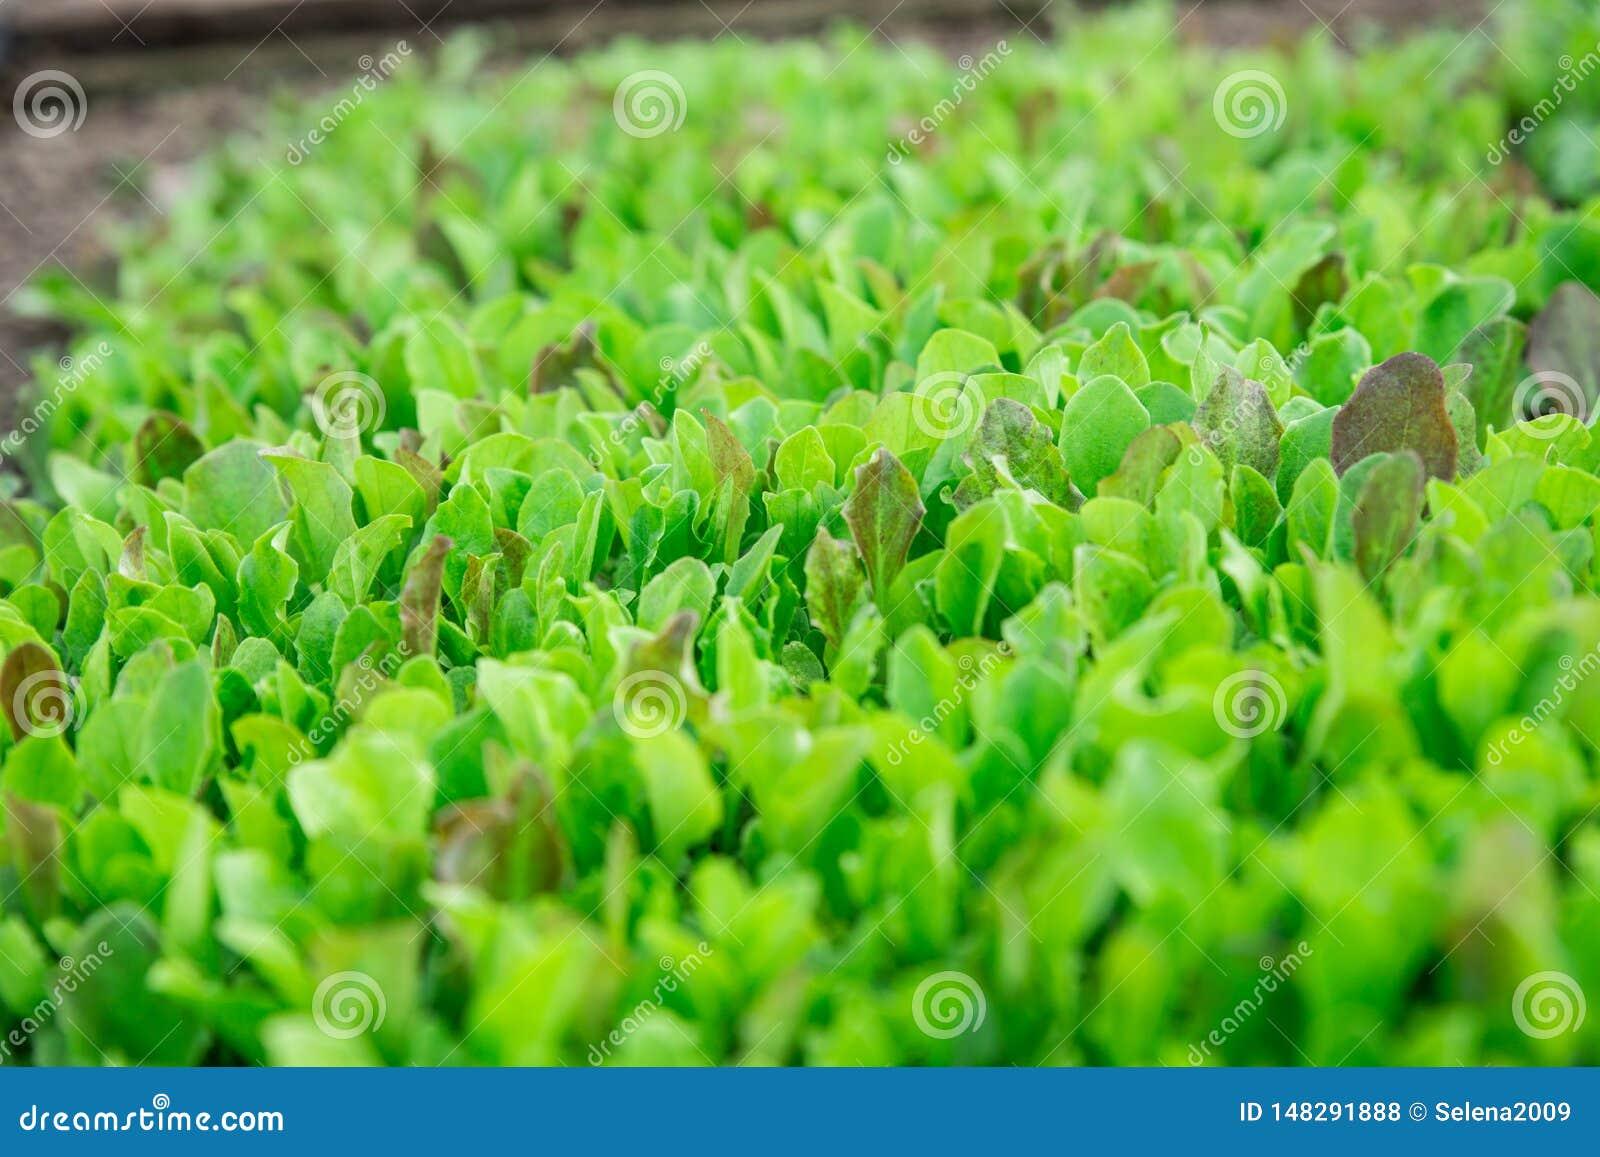 Folhas verdes da alface As folhas frescas, novas e macias da alface crescem no jardim Um tapete verde contínuo As larvas s?o laga